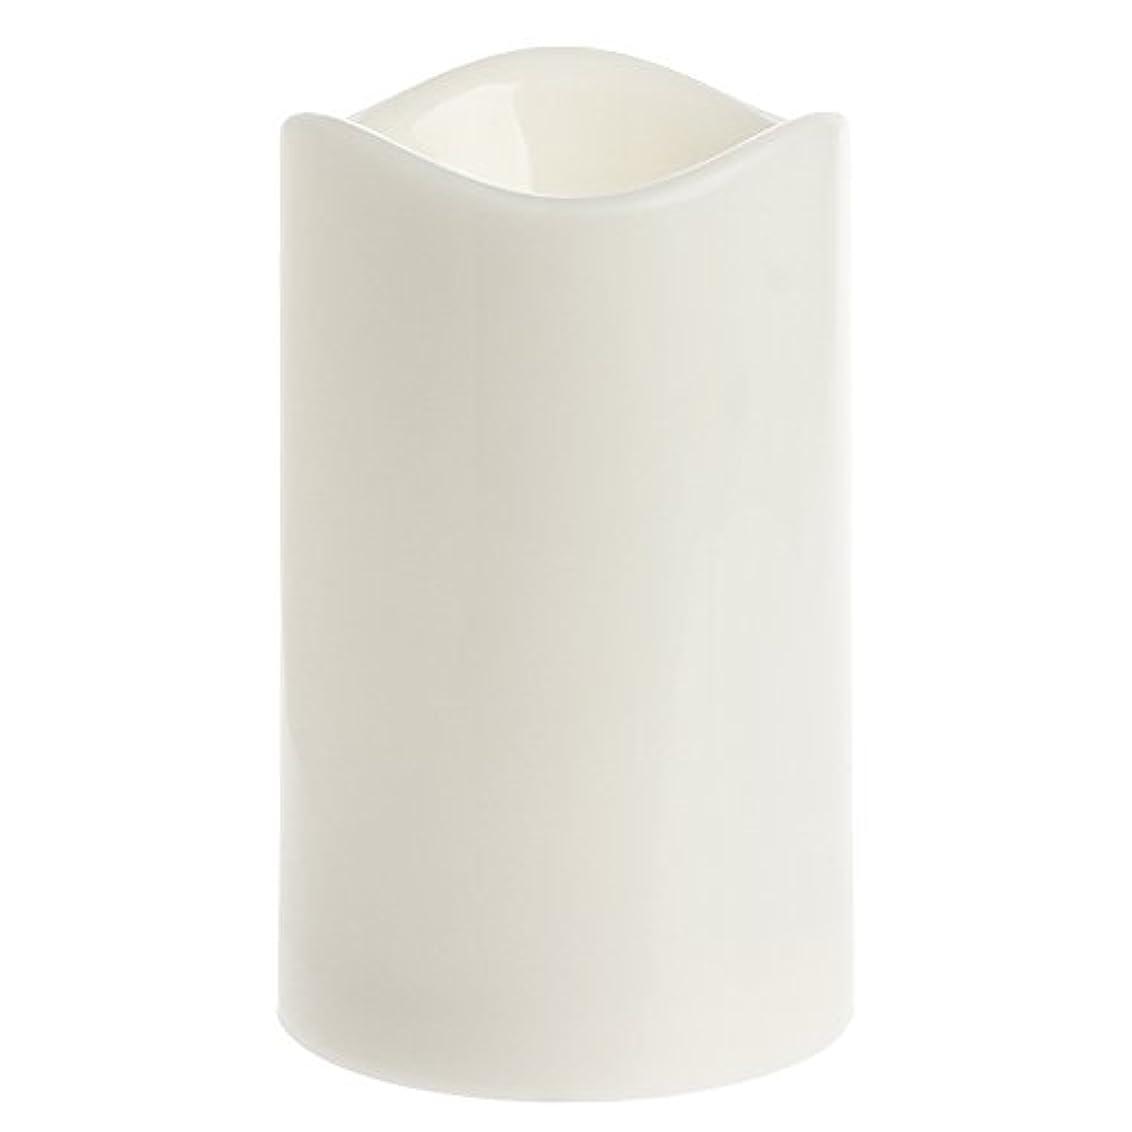 飼い慣らす普通の拒絶するSimpleLife ロマンチックなFlameless LED電子キャンドルライト結婚式の香りワックスホームインテリア15 * 7.5センチメートル